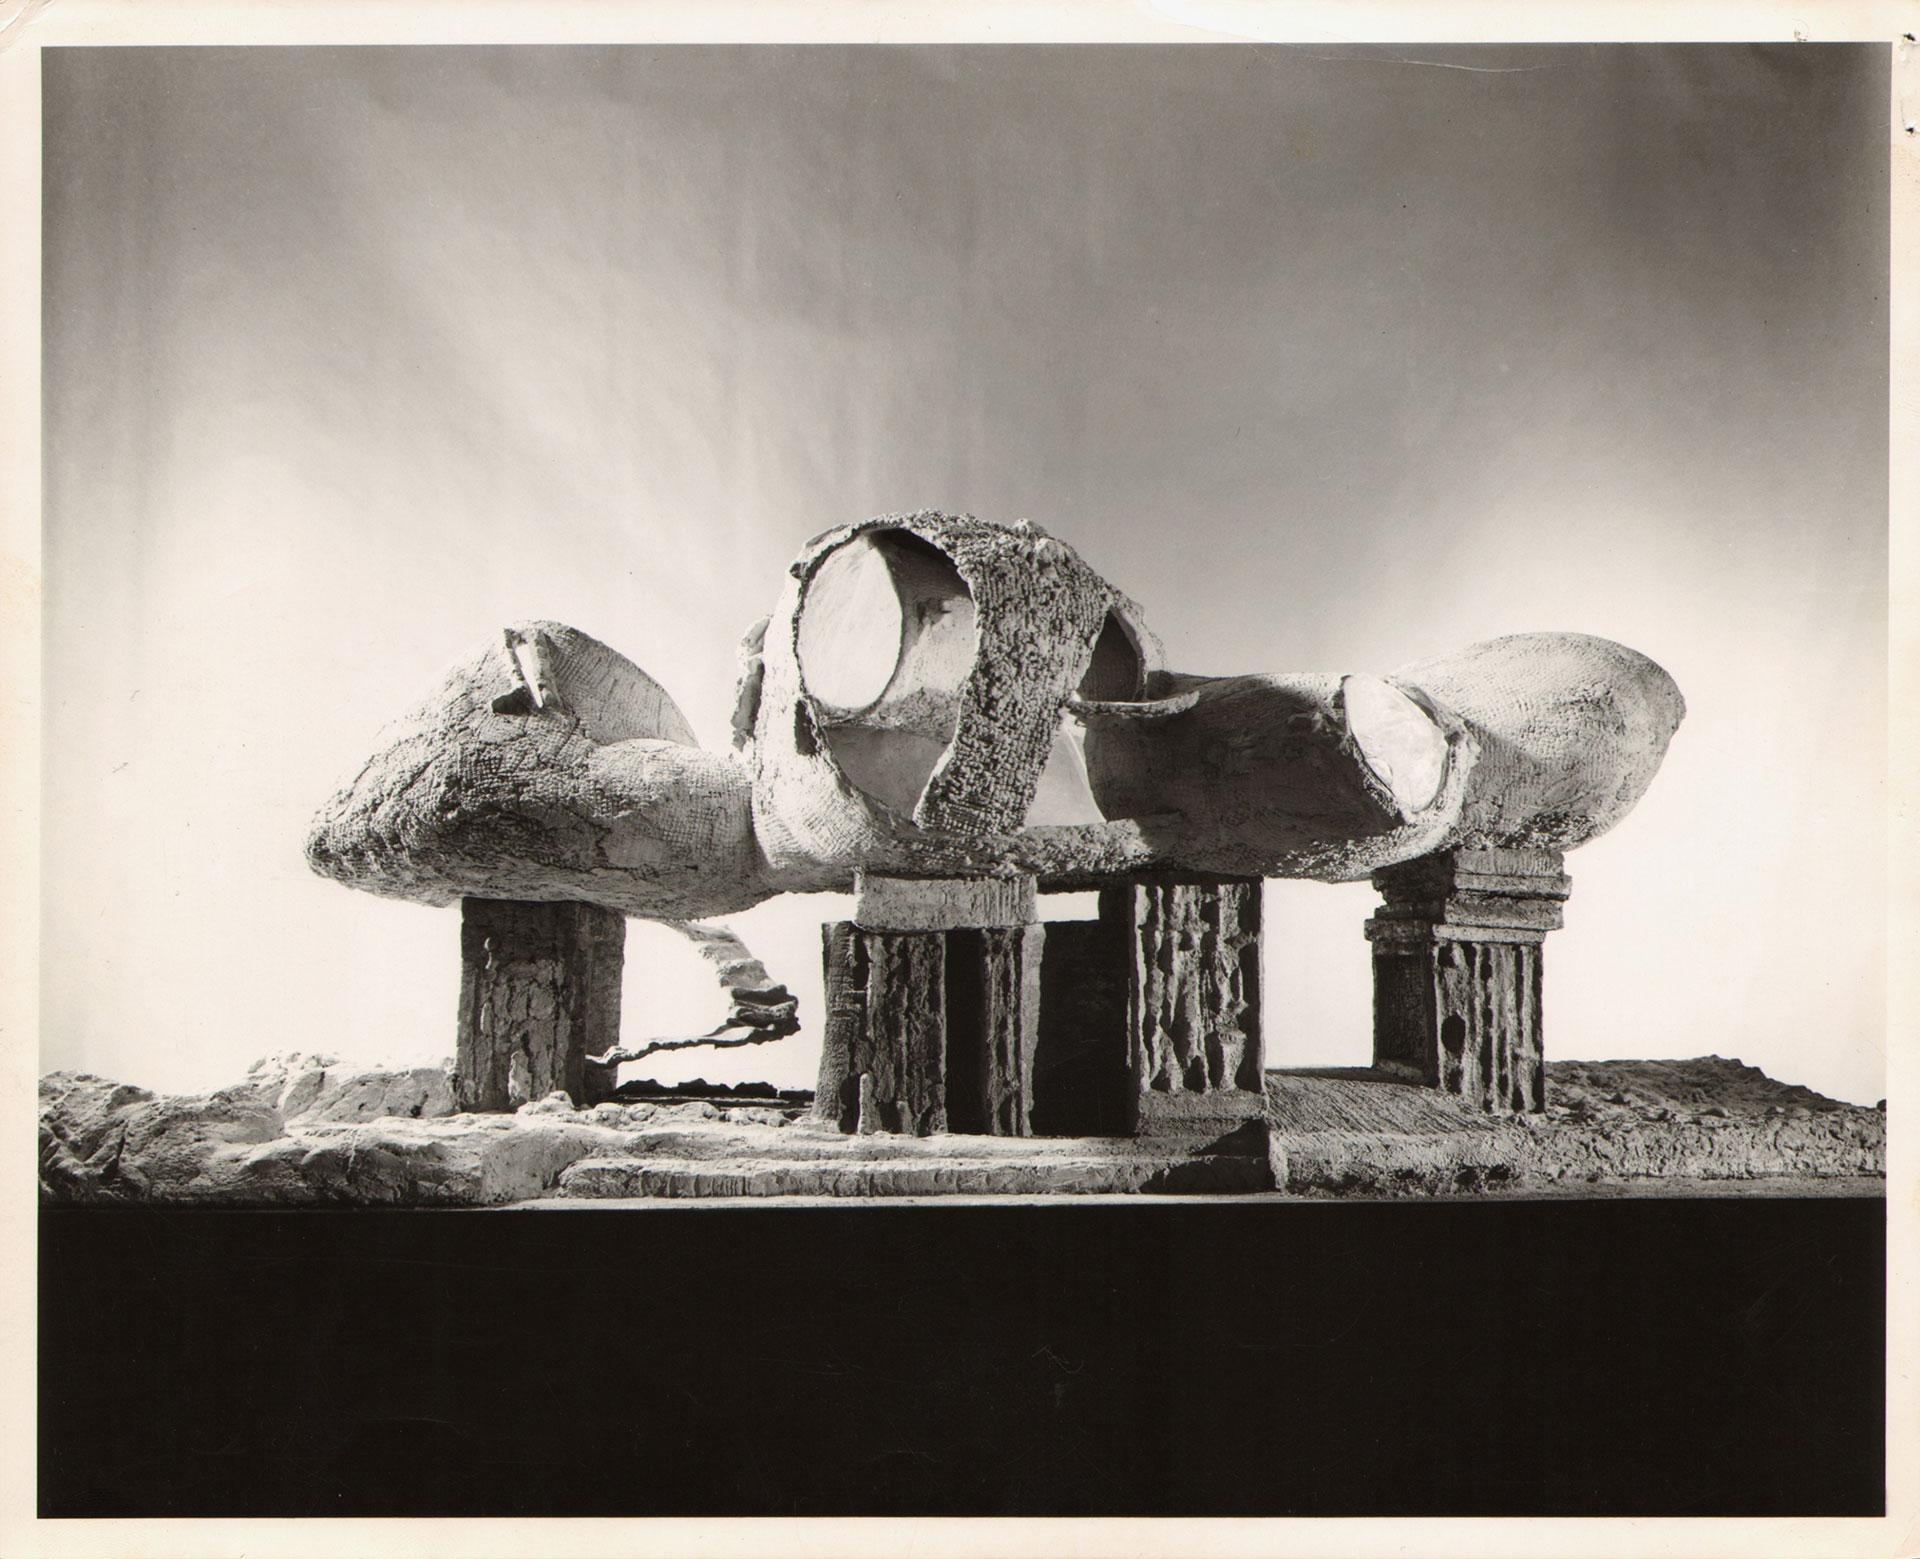 Friedrich Kiesler, Modell für ein Endless House